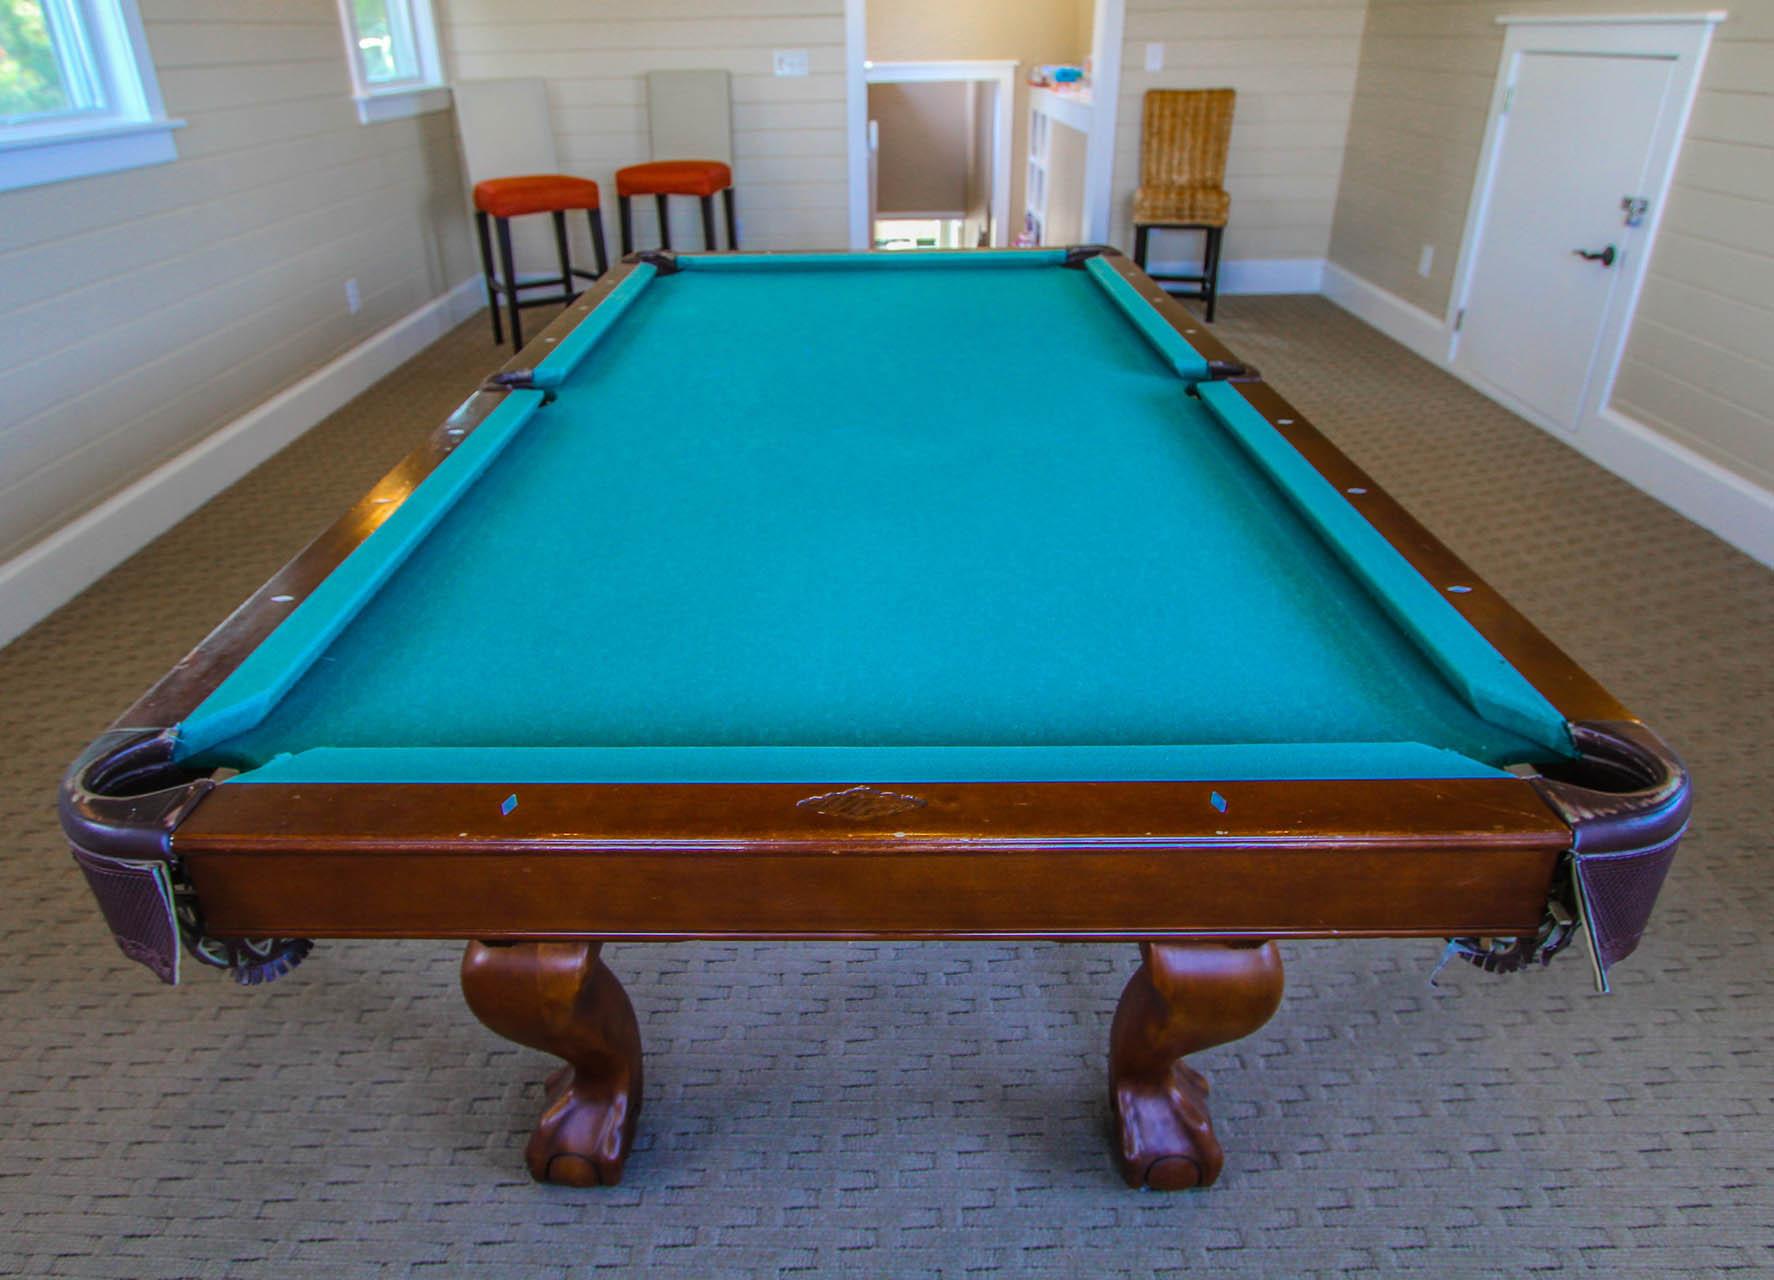 The Hammocks Bald Head Island Pool Table